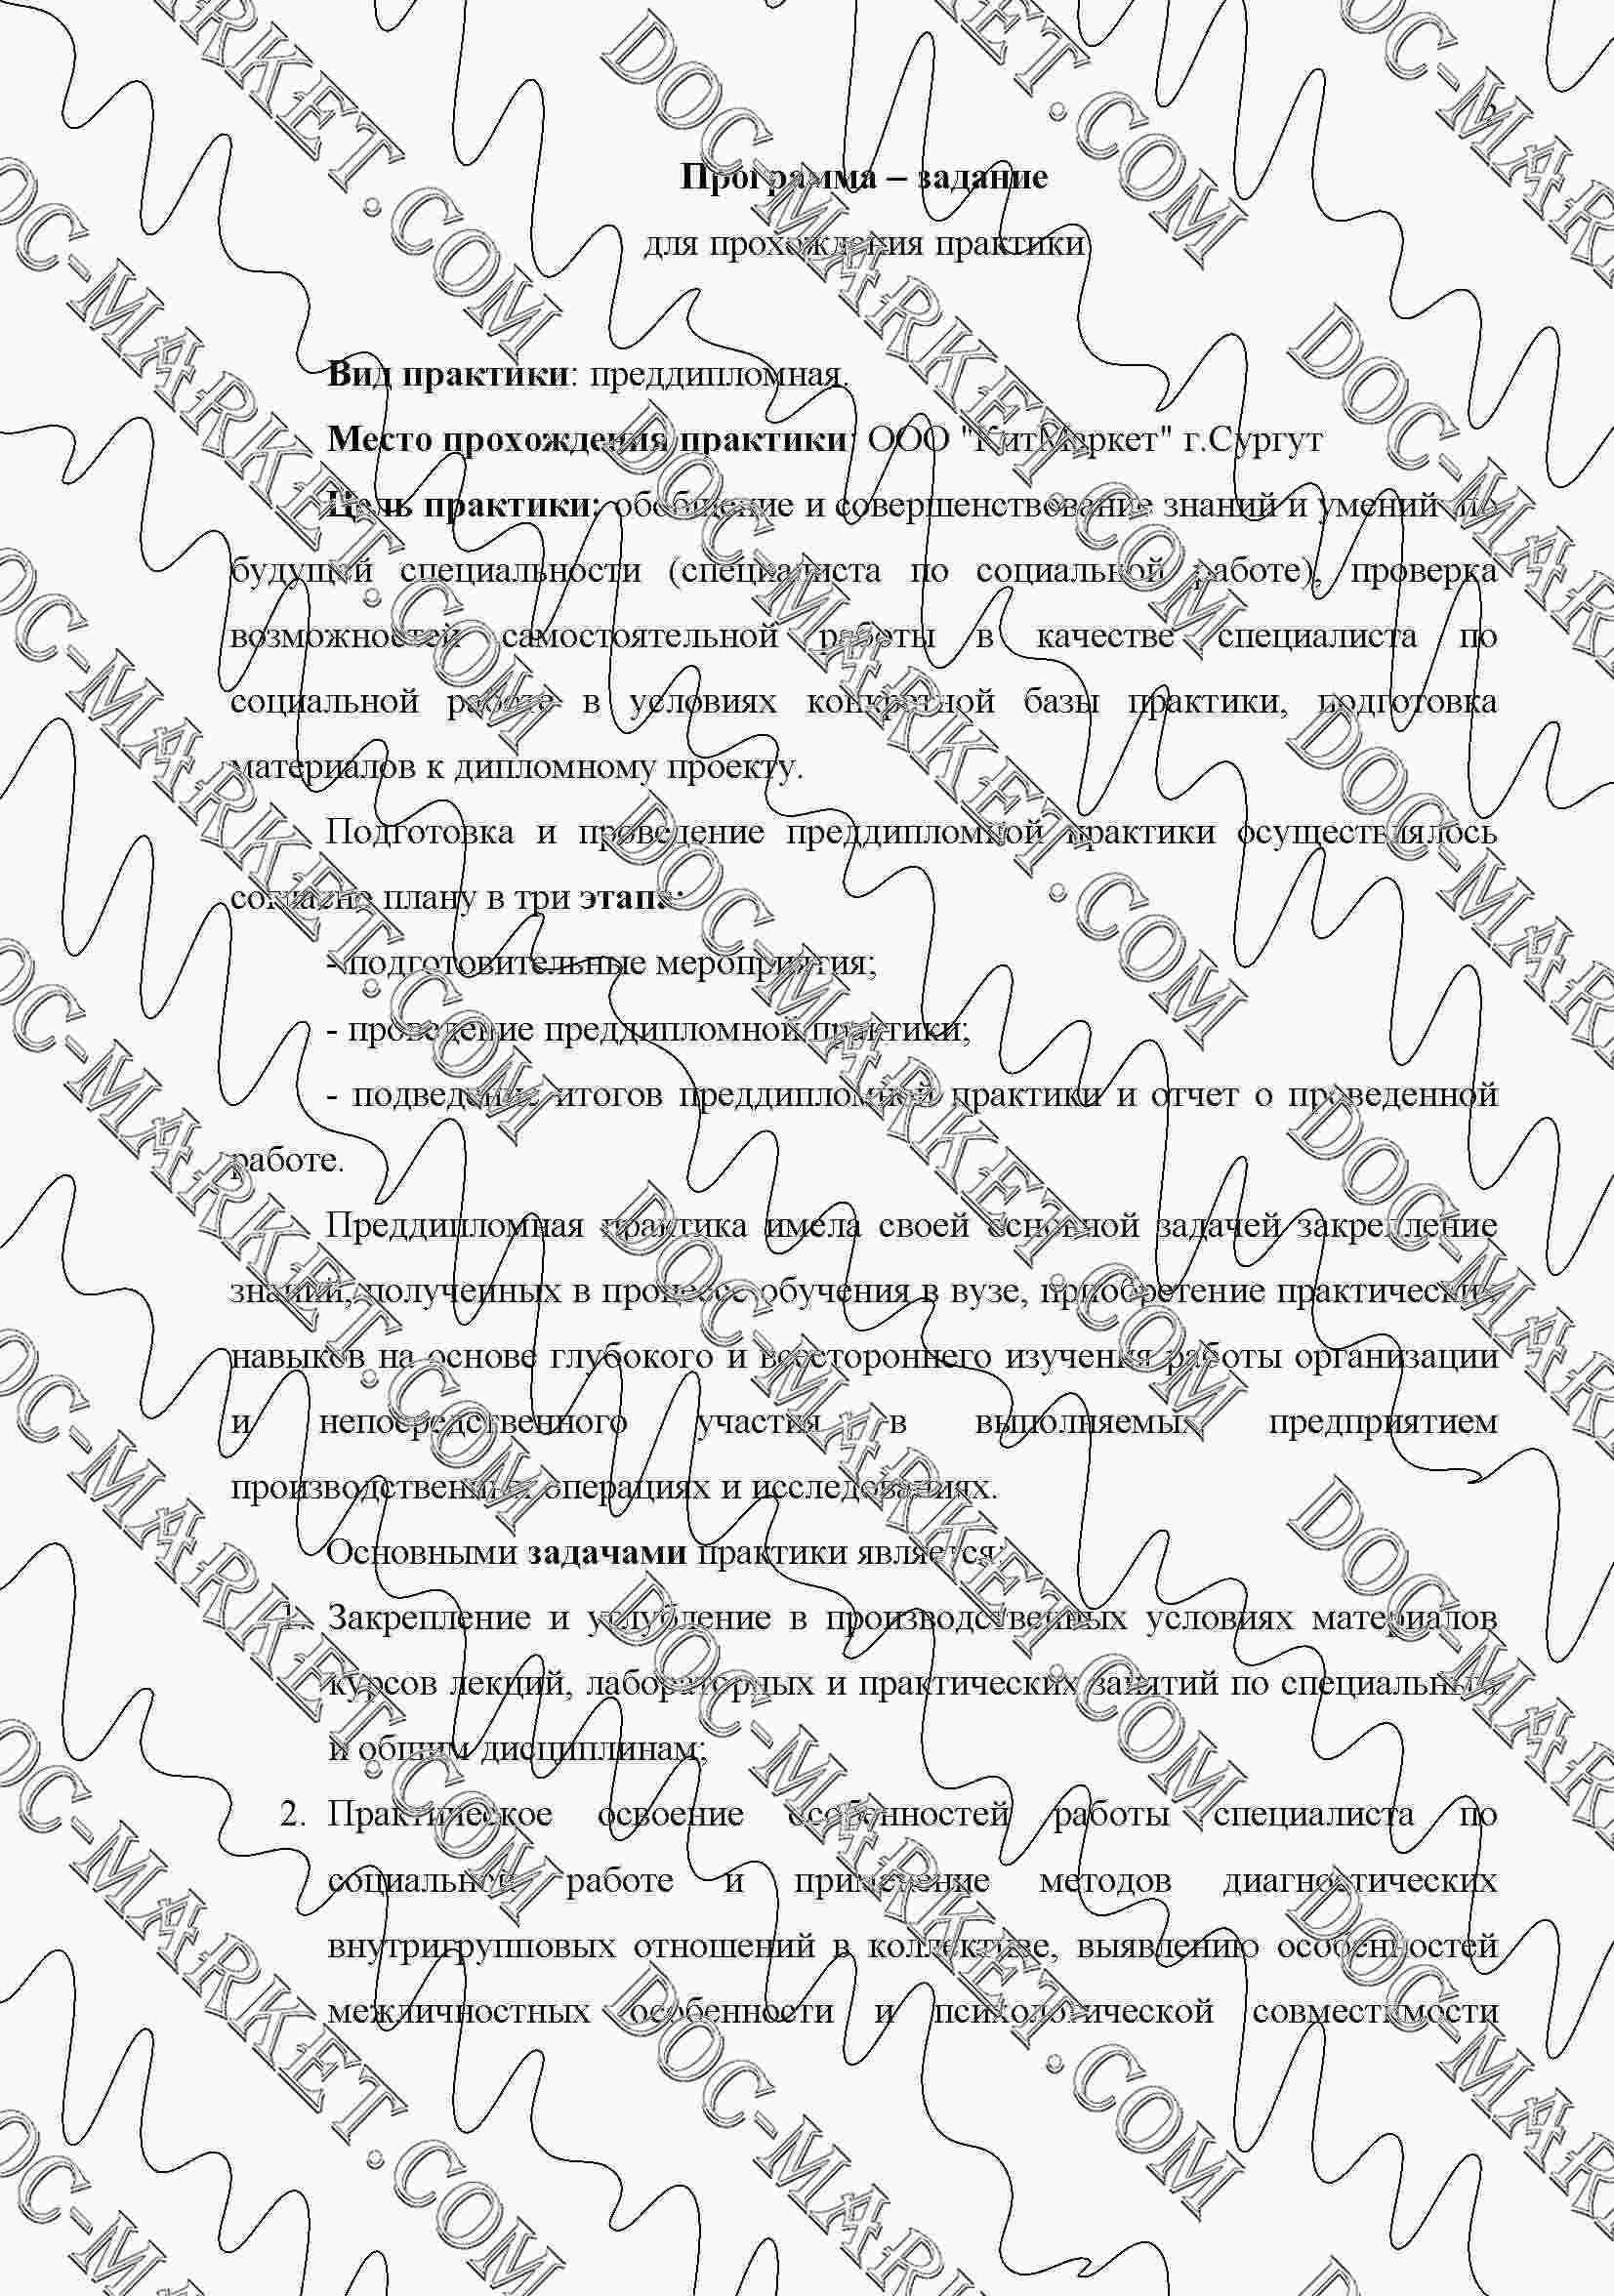 Отчёт по преддипломной практике психолога Сердало Отчет по преддипломной производственной практики в КБ Славянский Кредит 35 кб ОСОБЕННОСТИ РАБОТЫ ПСИХОЛОГА В ООО АУДИТИНКОМ